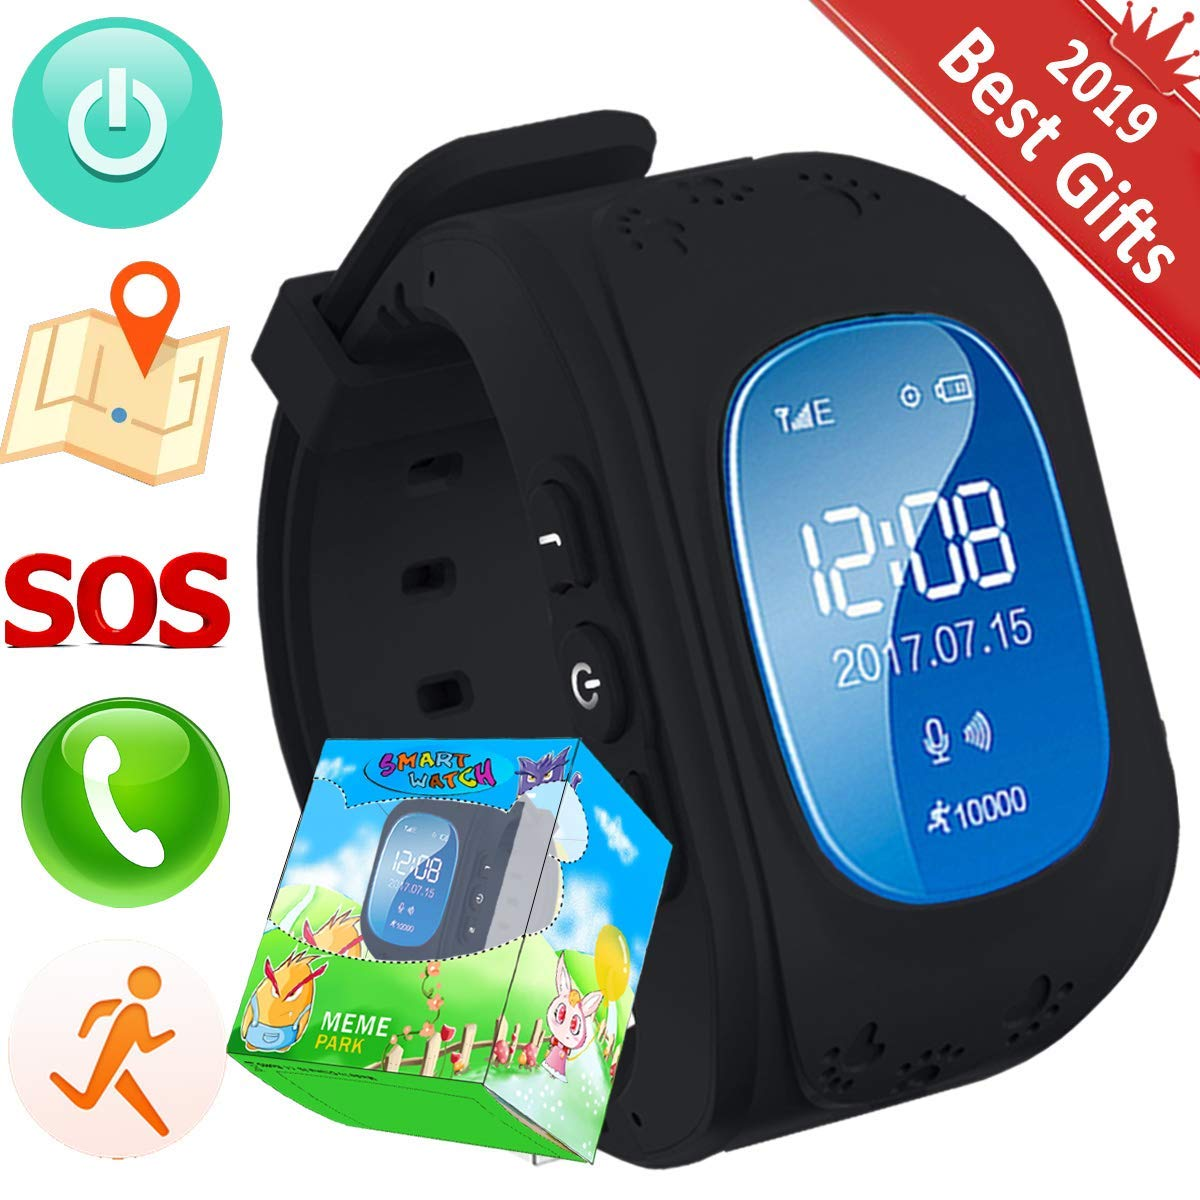 beaucoup de choix de luxe section spéciale TURNMEON Smart Watch Enfants Montre Connectées GPS Locator Tracker  Téléphone Anti-Perte SOS Poignet Bracelet pour iOS Android Smartphones  (03Noir)